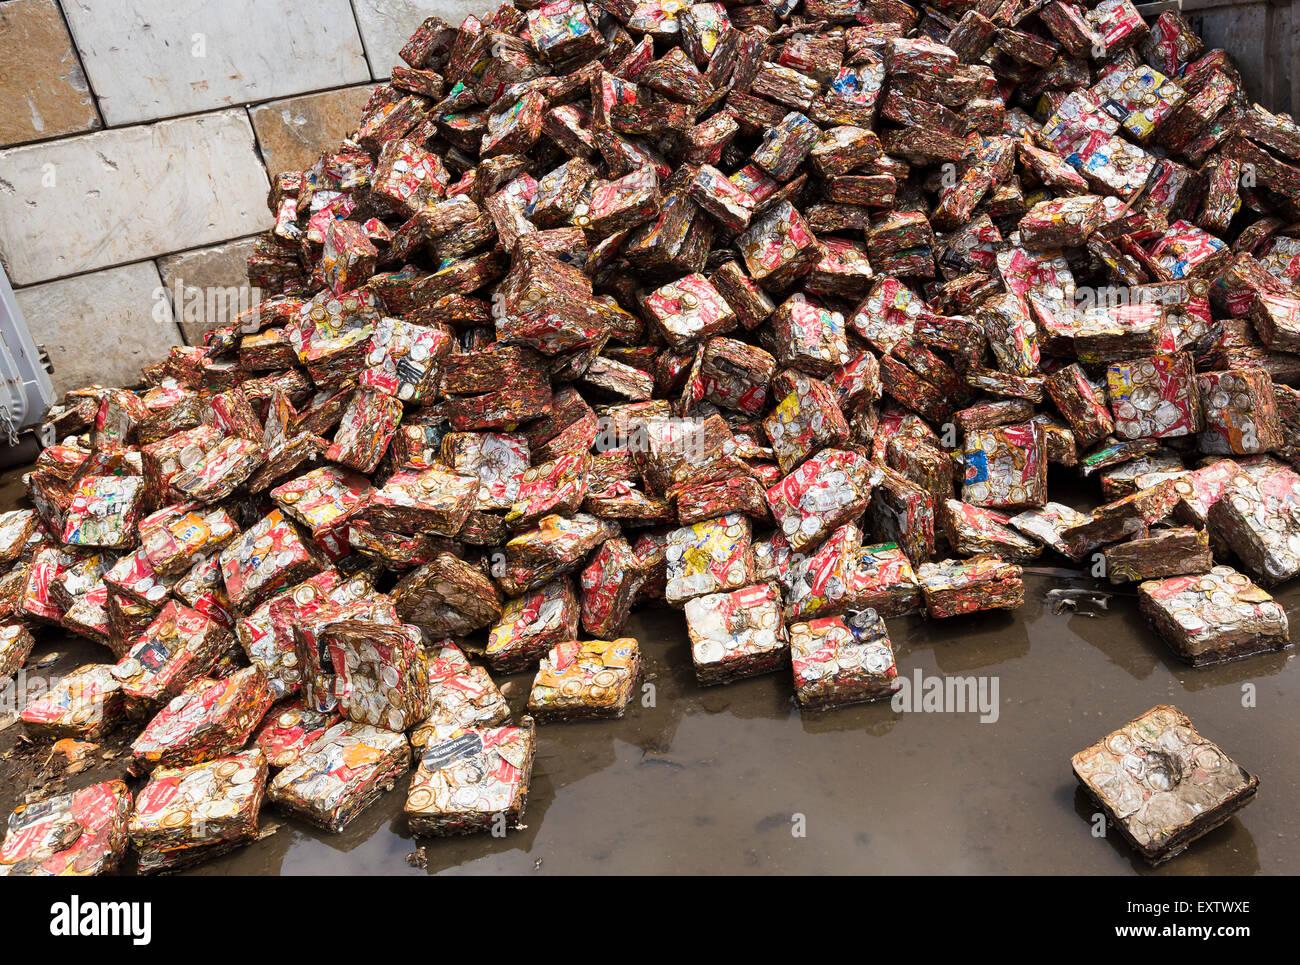 Chantier de recyclage de canettes, pressé de Hambourg Photo Stock